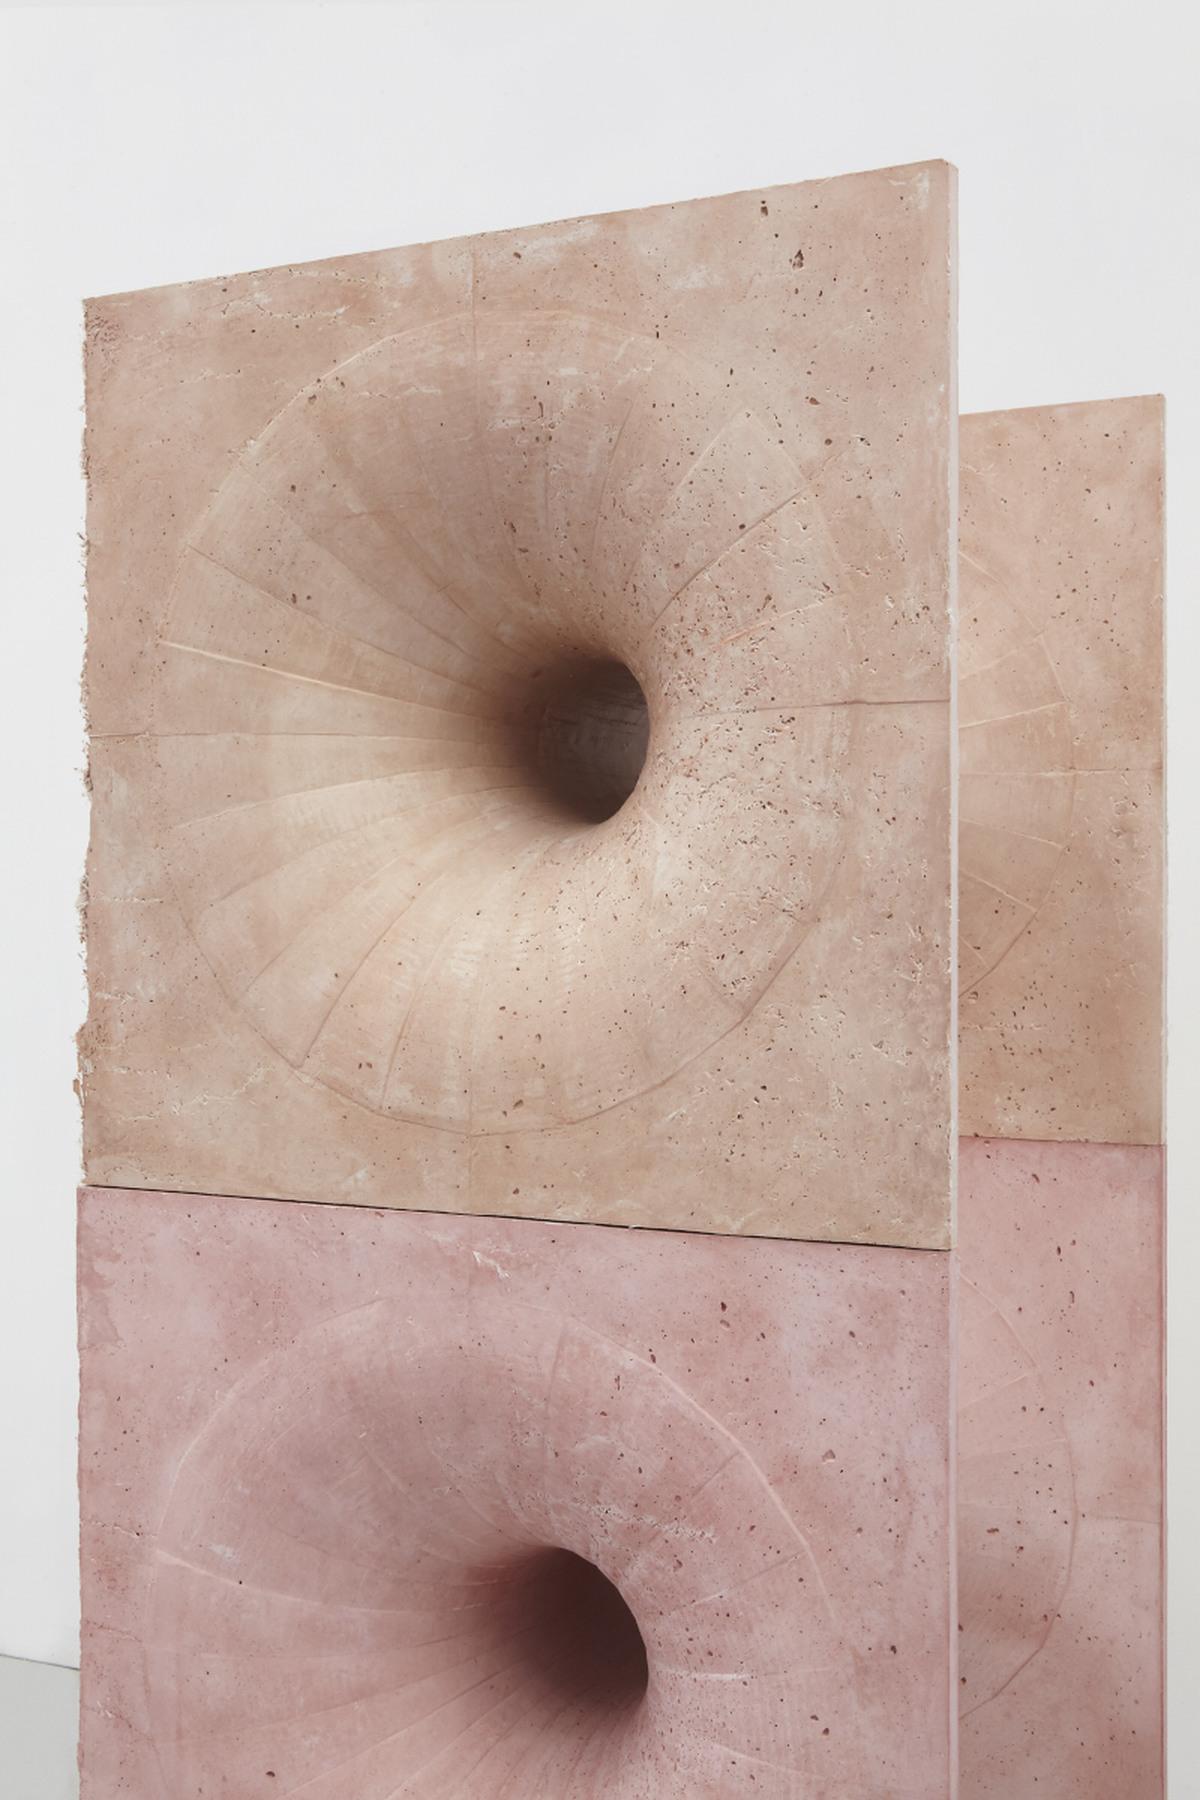 60.Hoeber_Brutalist Organs, 2015_Sculpture-Fiberglass reinforced